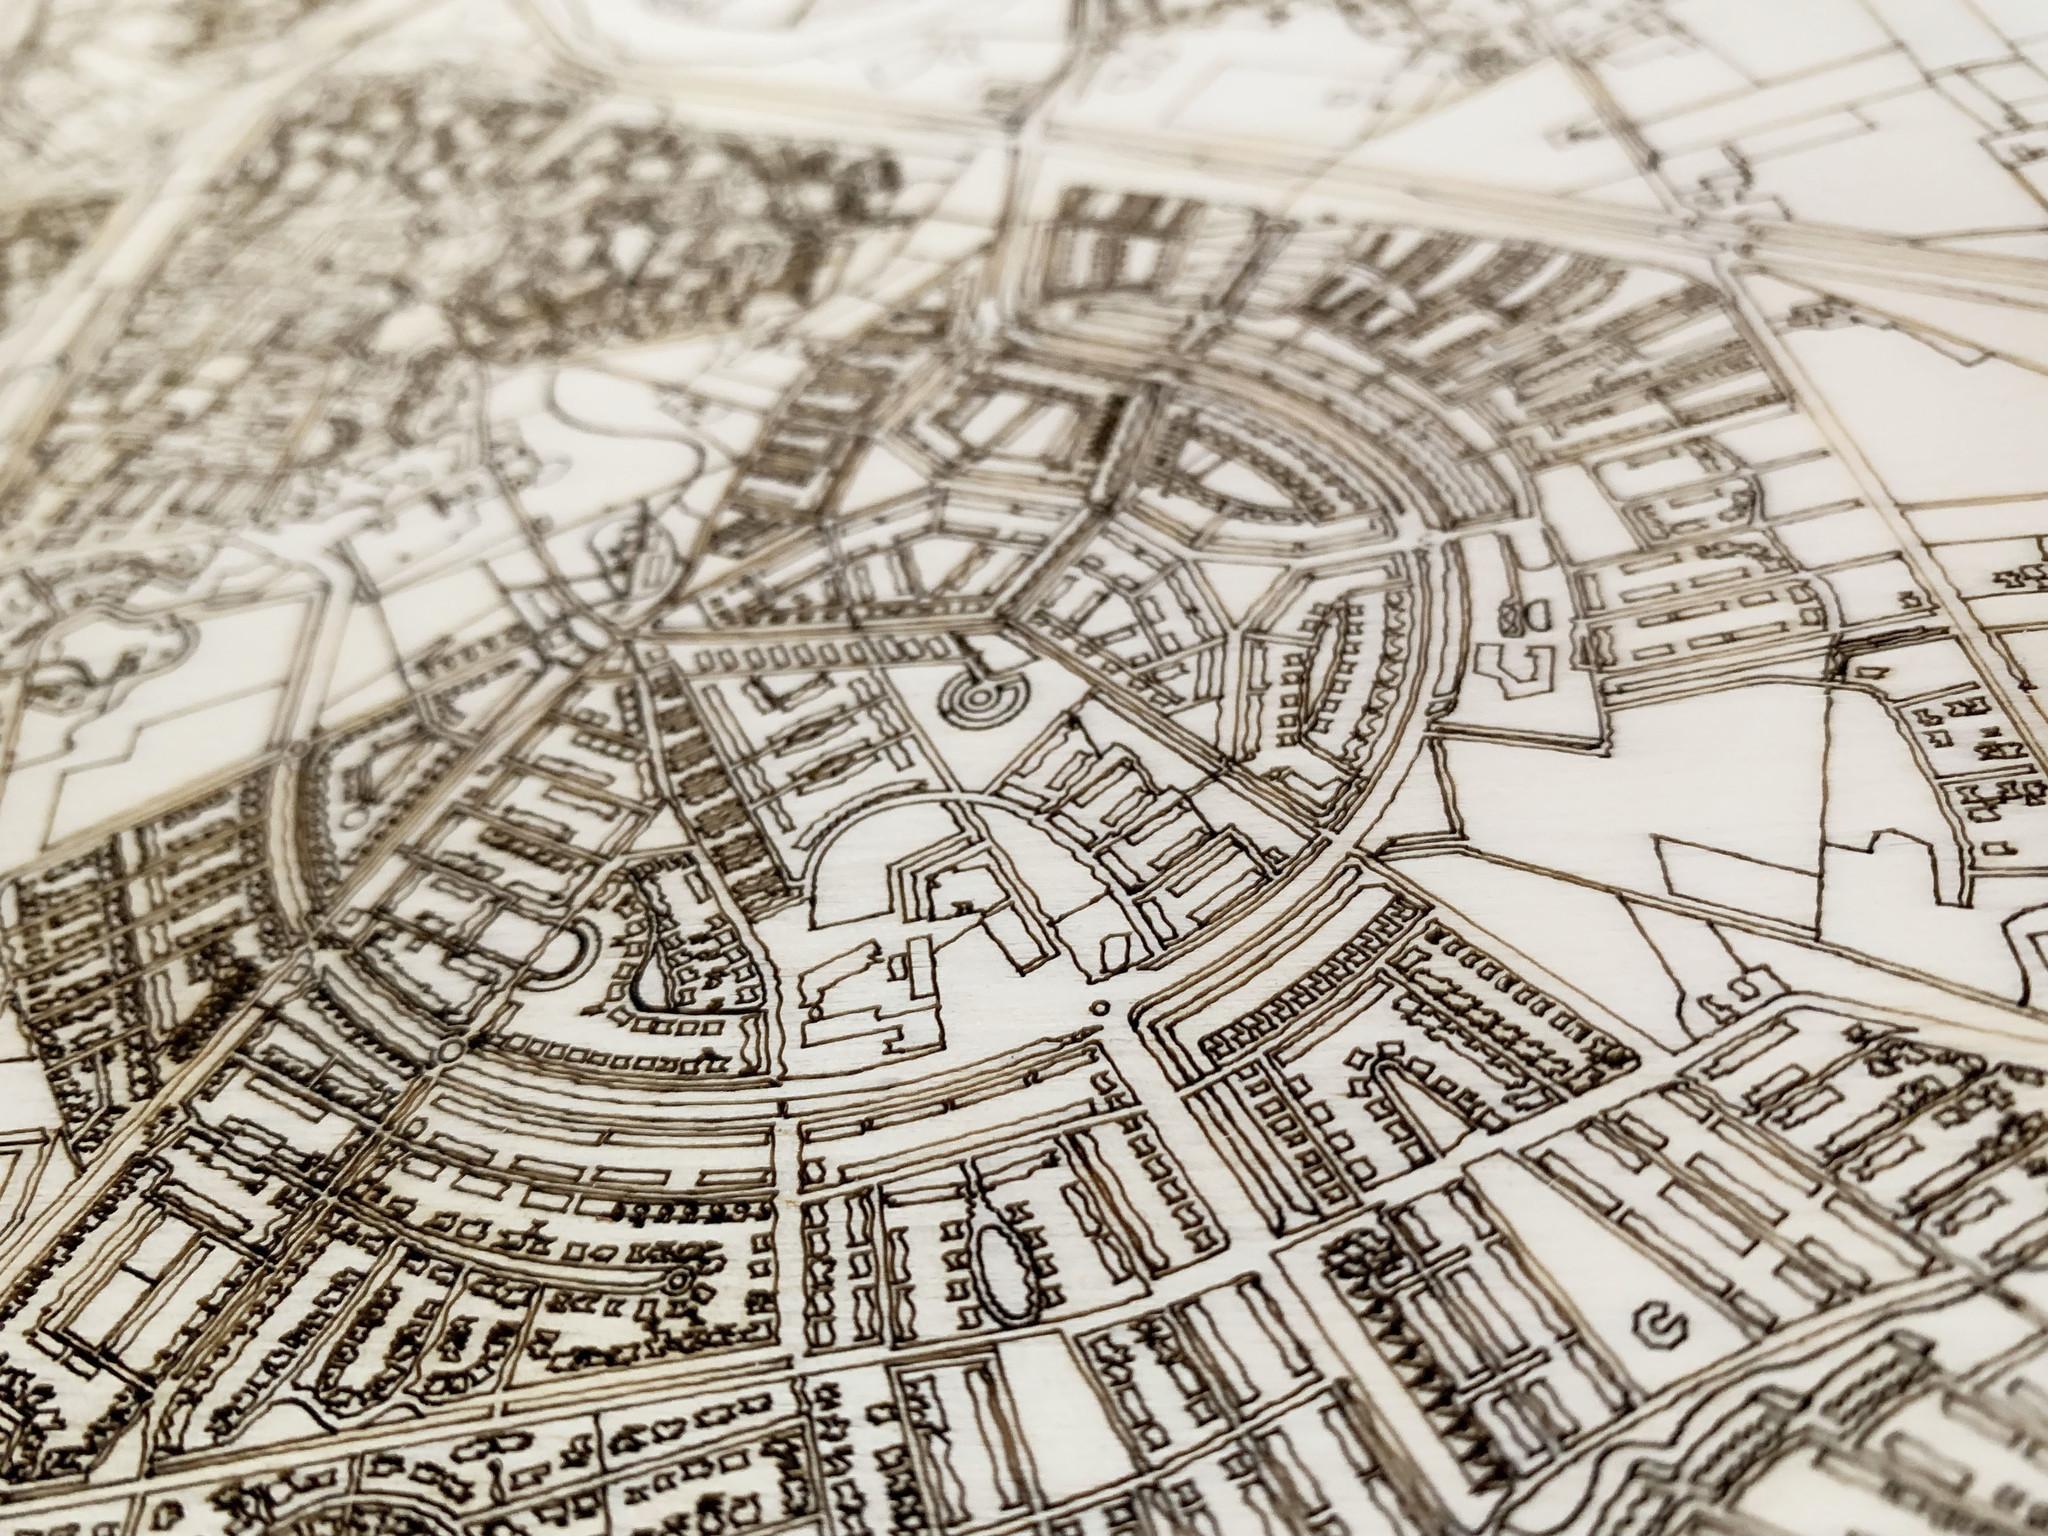 Houten stadsplattegrond Eijsden-4